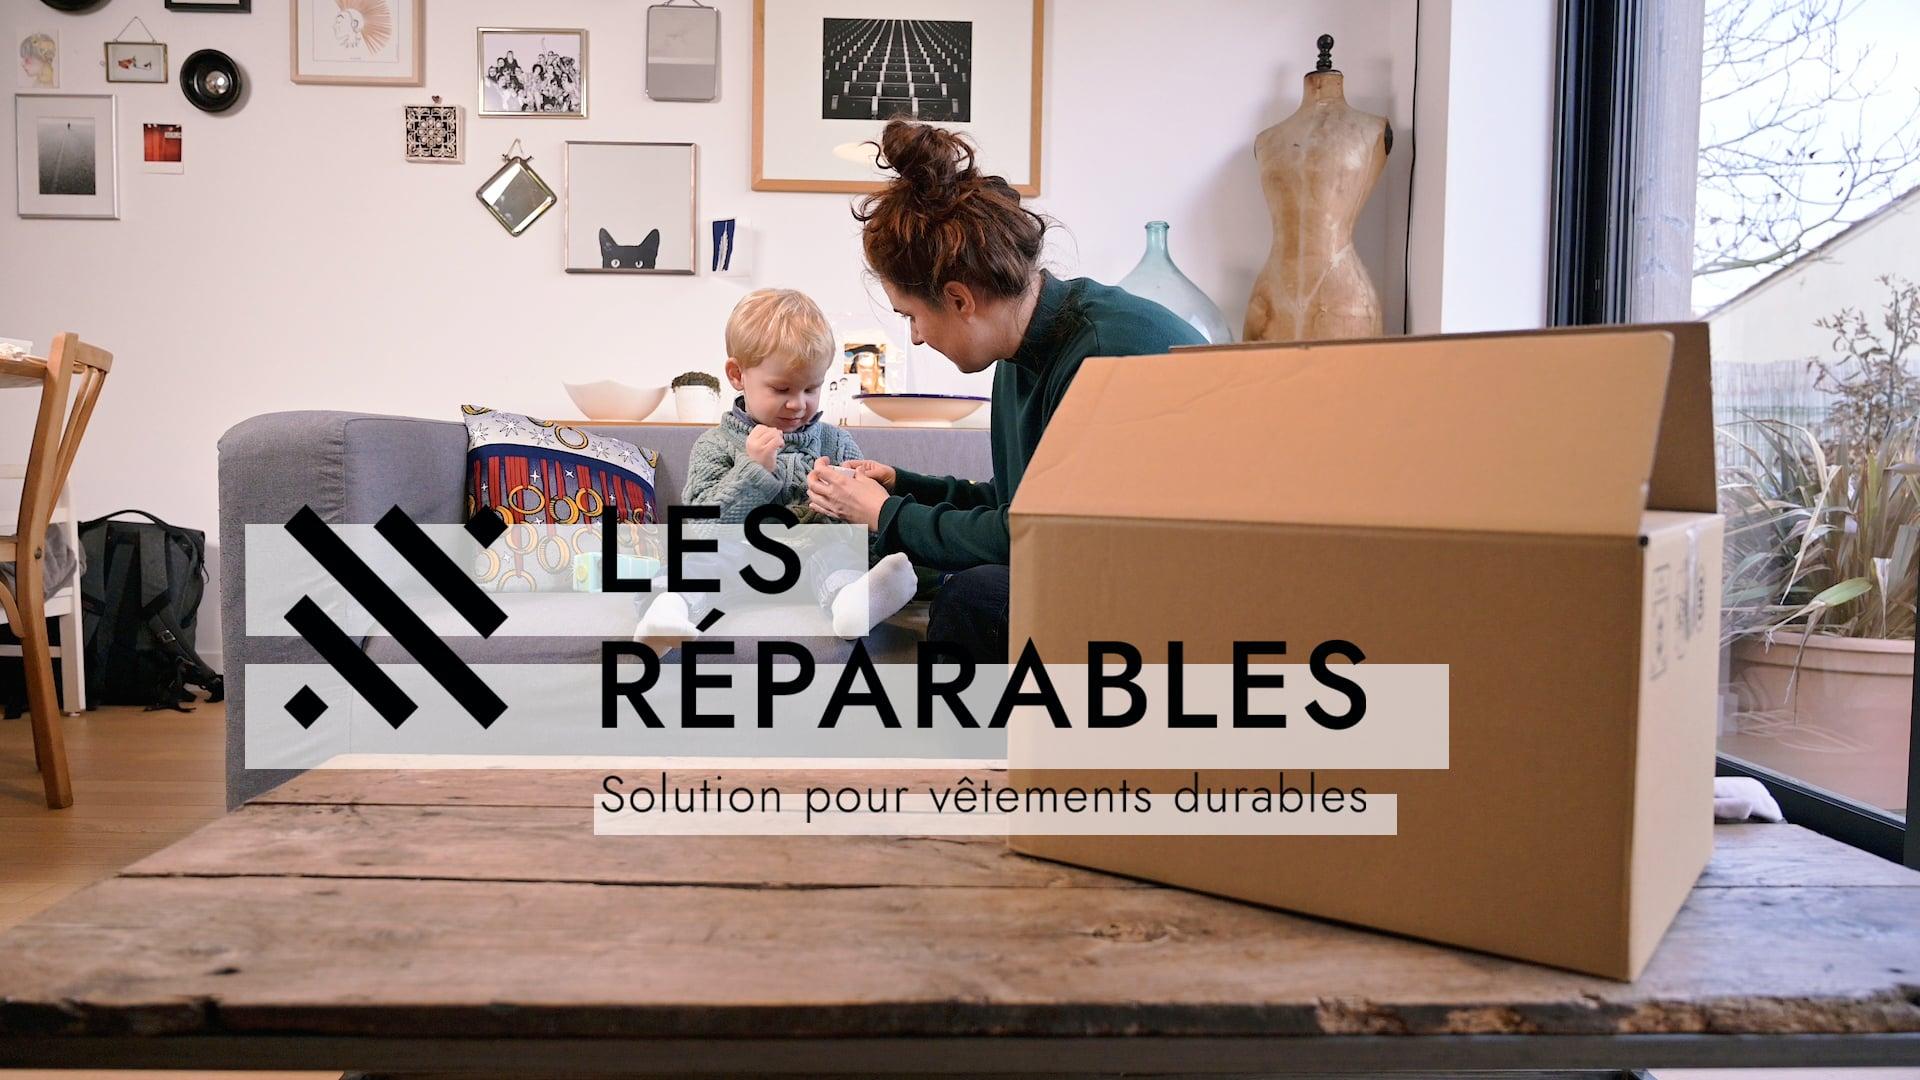 Les réparables - Mutualisation des colis